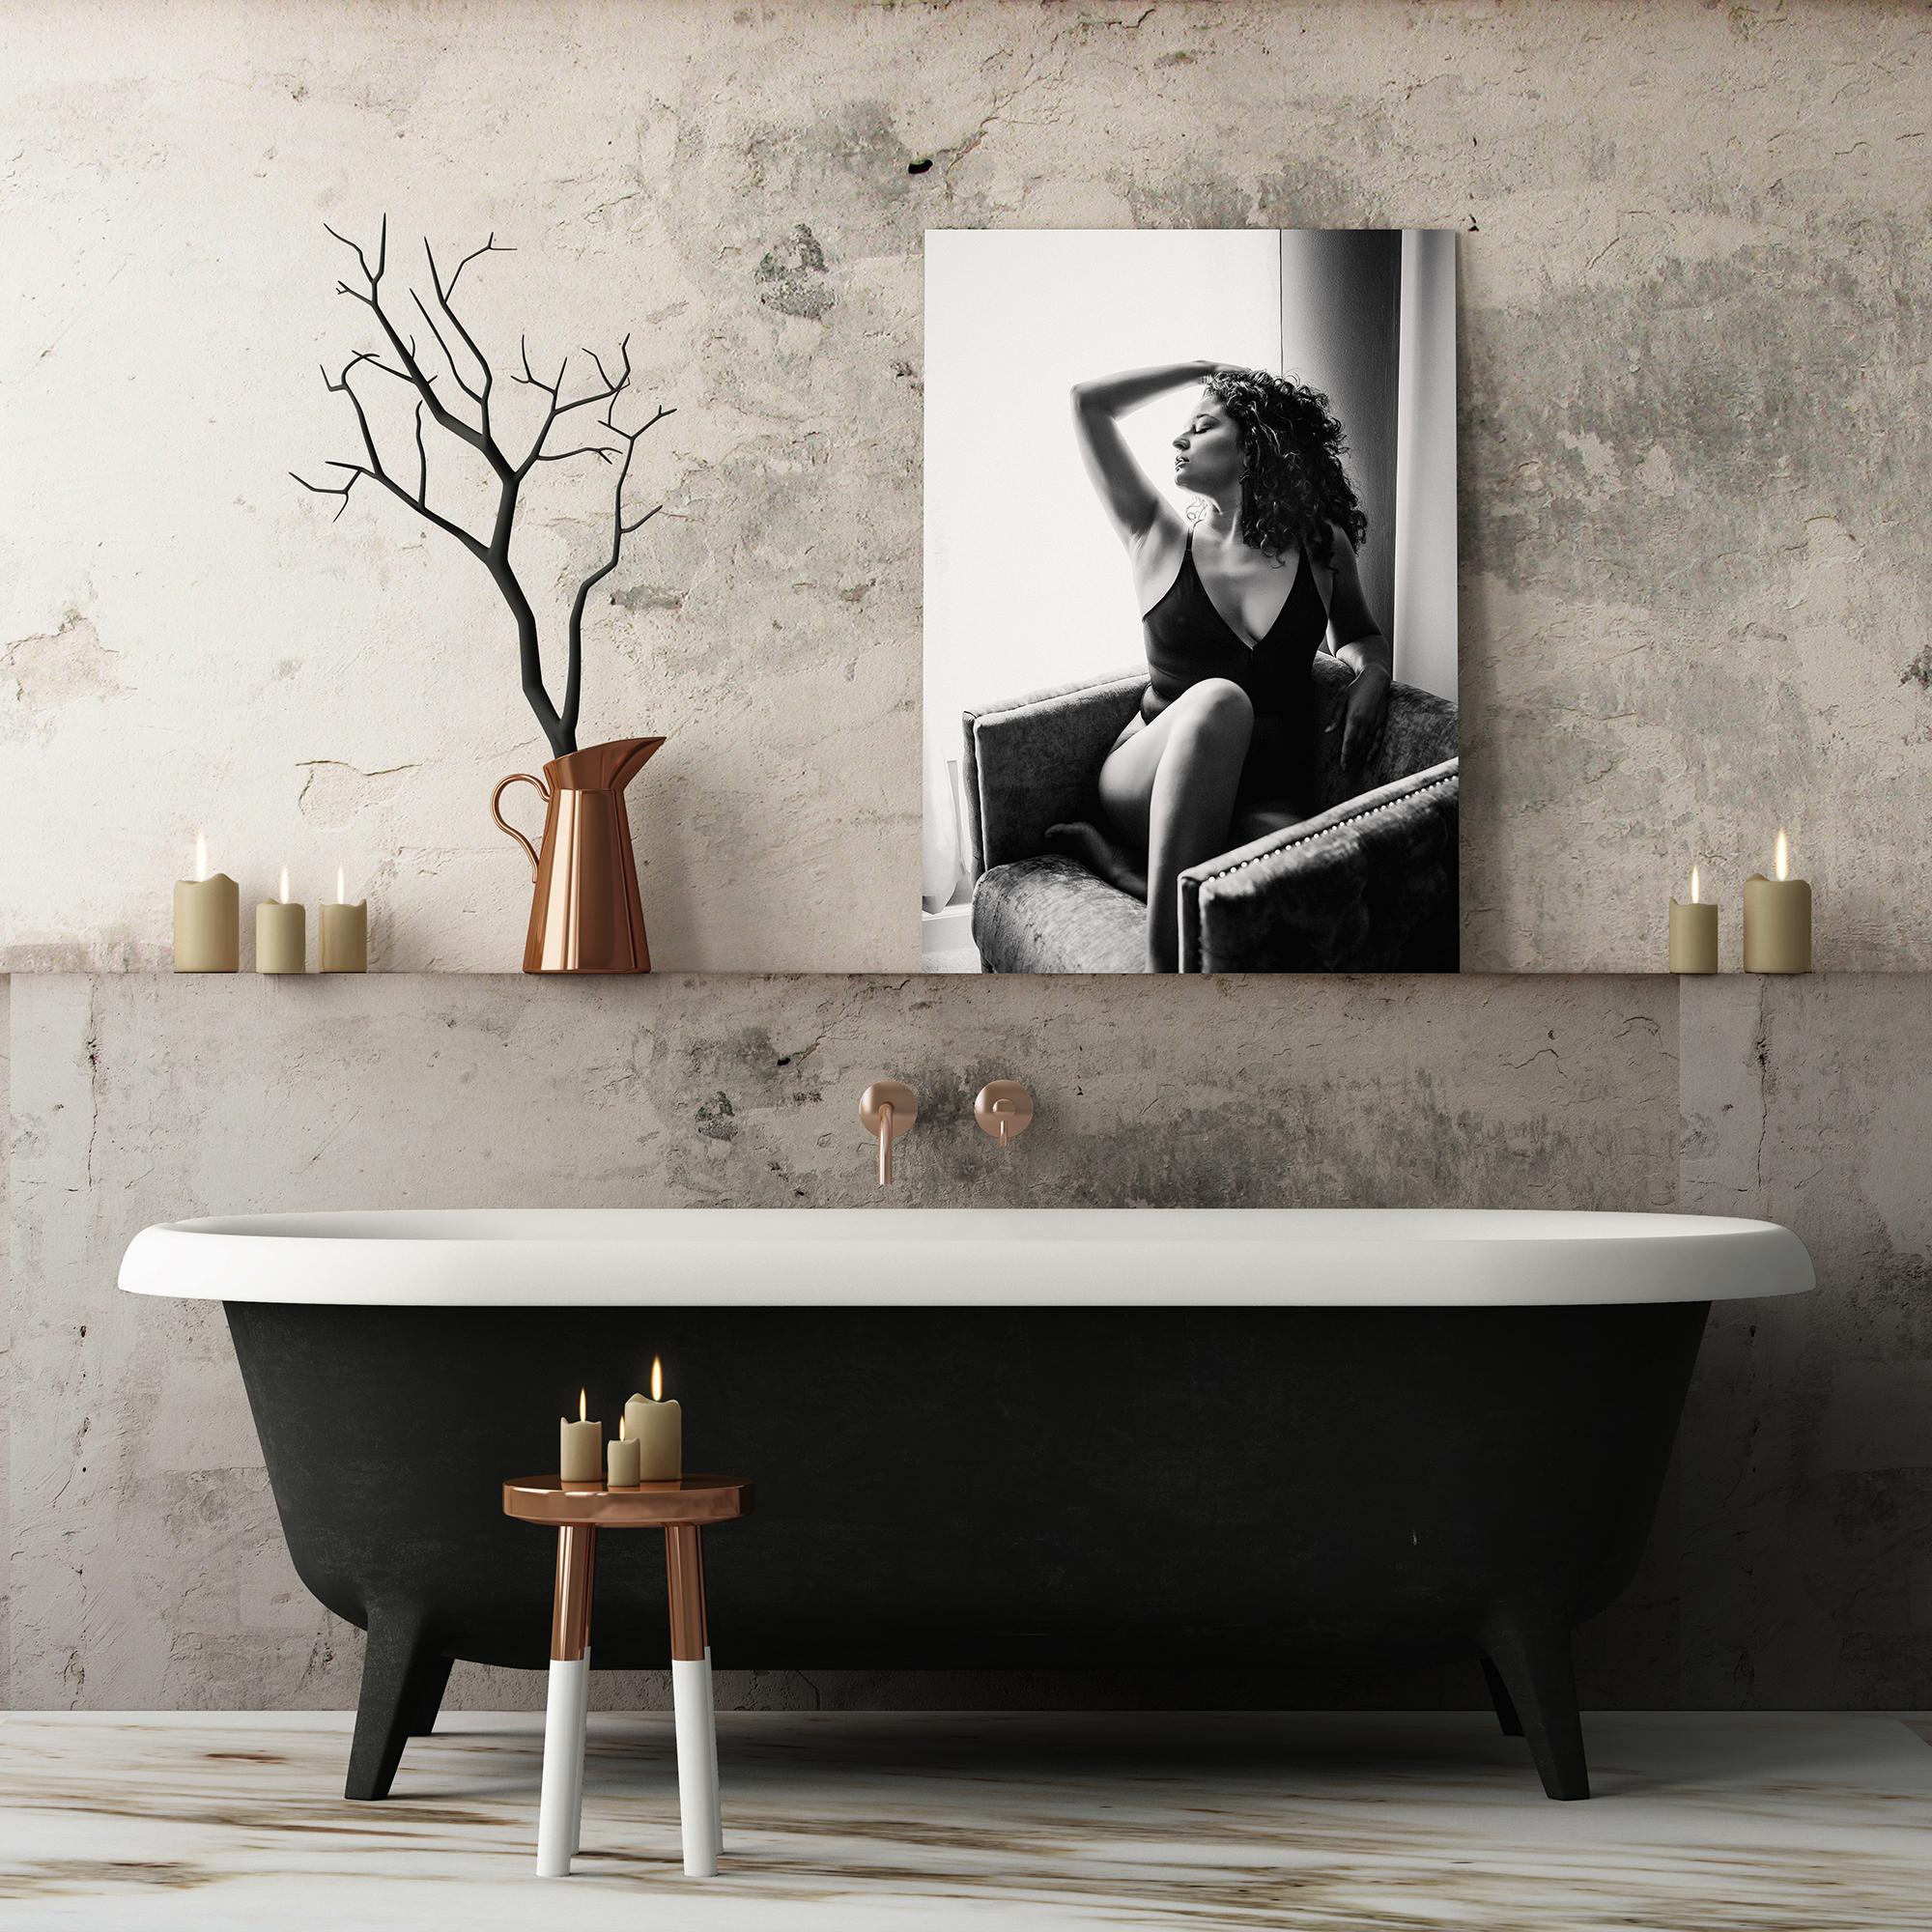 boudoir-bath-art-boudoirbymarie-sm.jpg